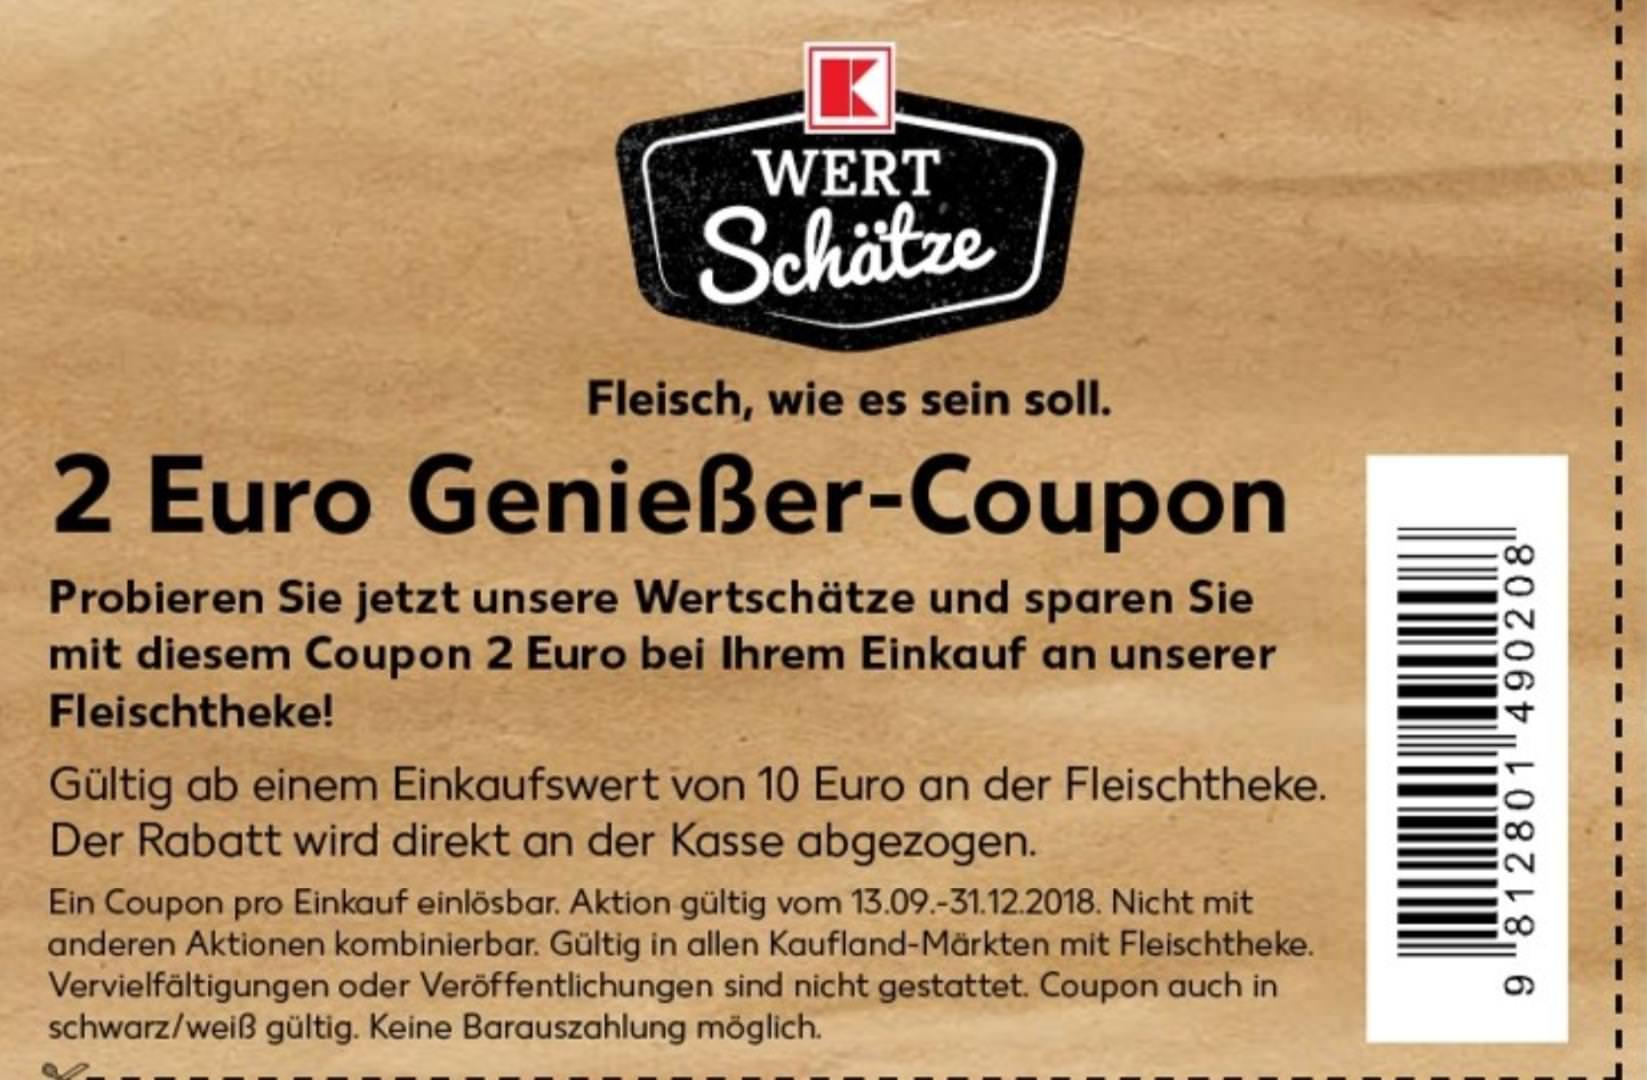 [Kaufland] 2,00€ Coupon ab 10,00€ Fleischtheke bis 31.12.2018